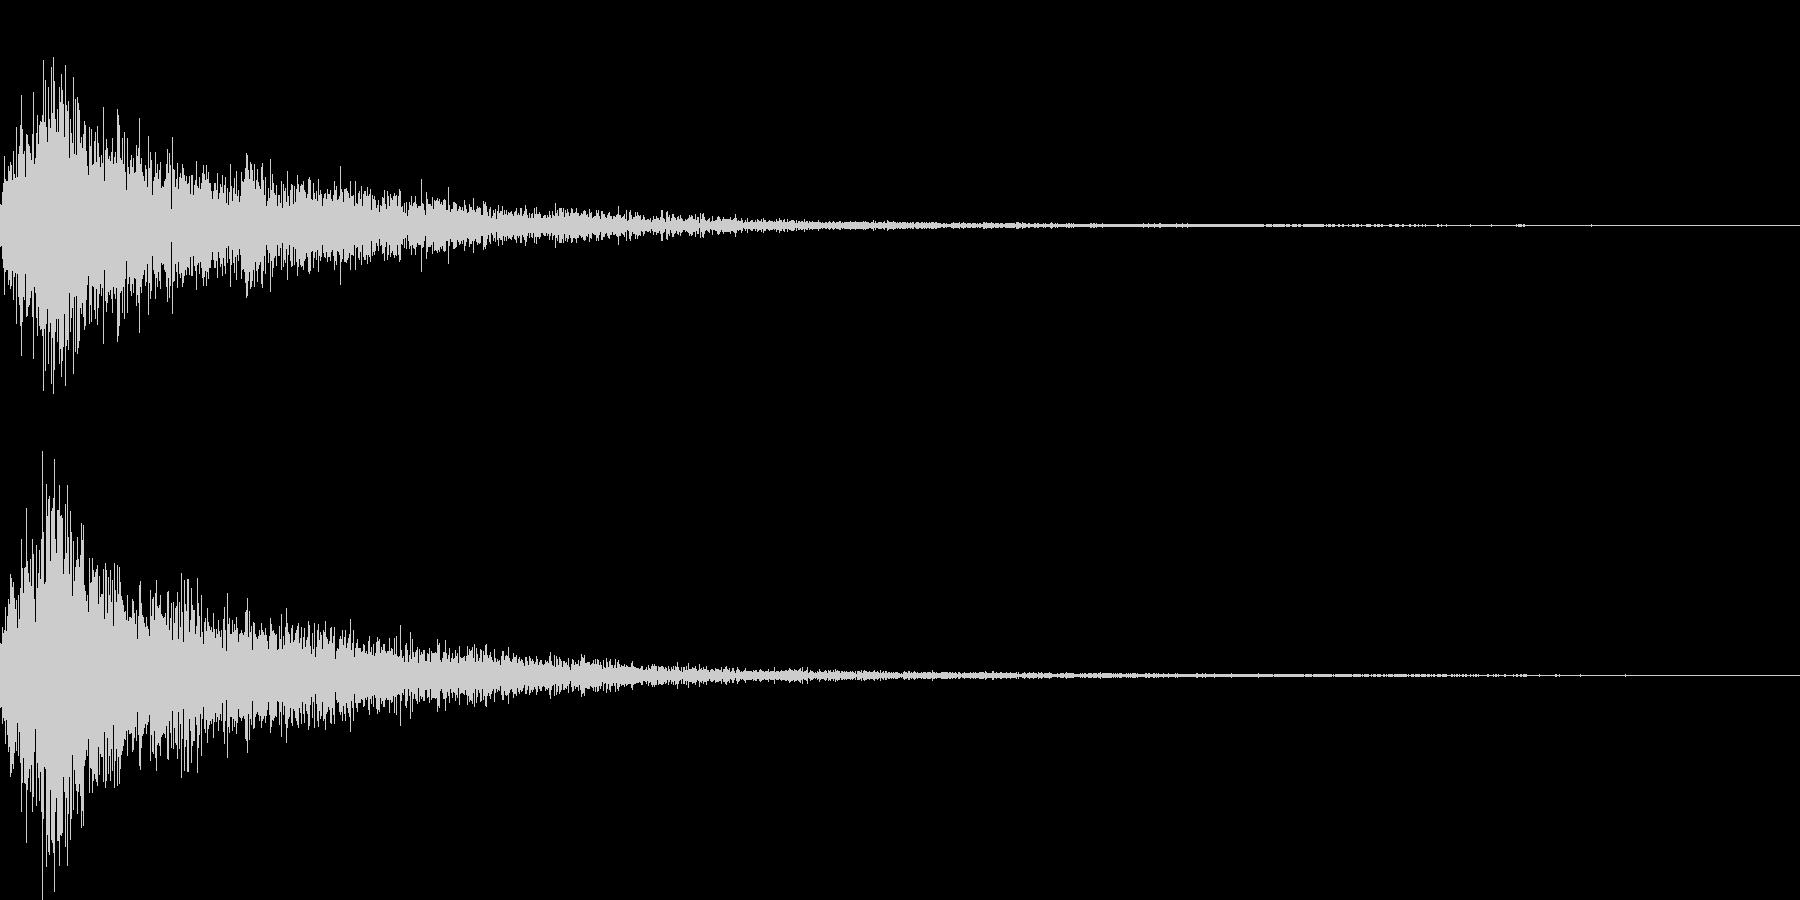 ジャン(オーケストラヒット高めクラシックの未再生の波形